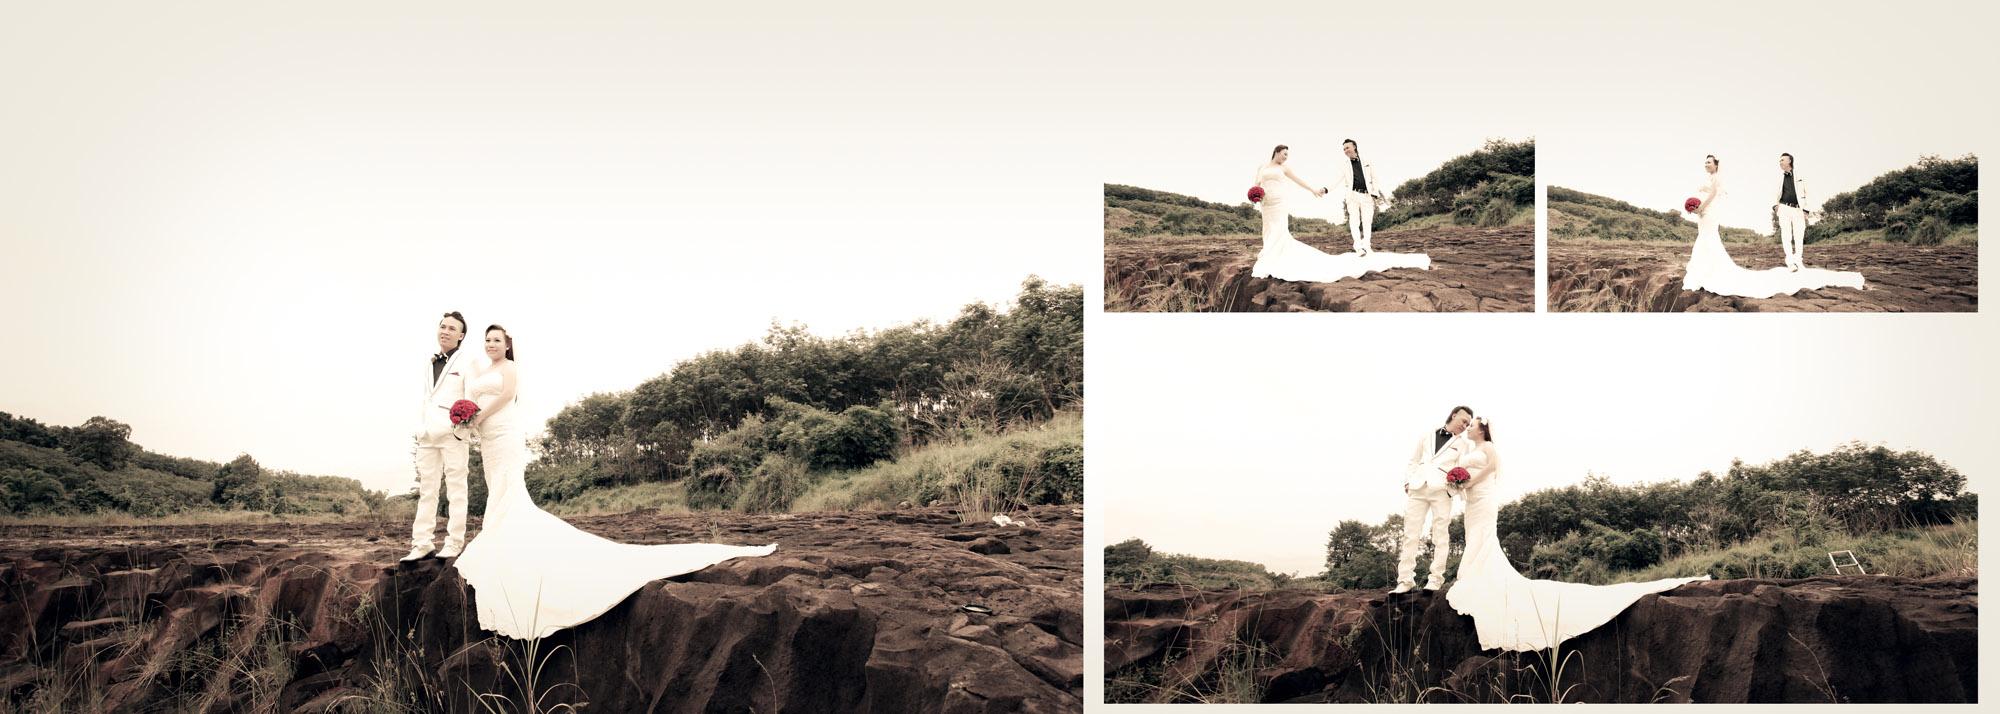 Chụp hình cưới ngoại cảnh phước long, bình phước - Sang & An 4